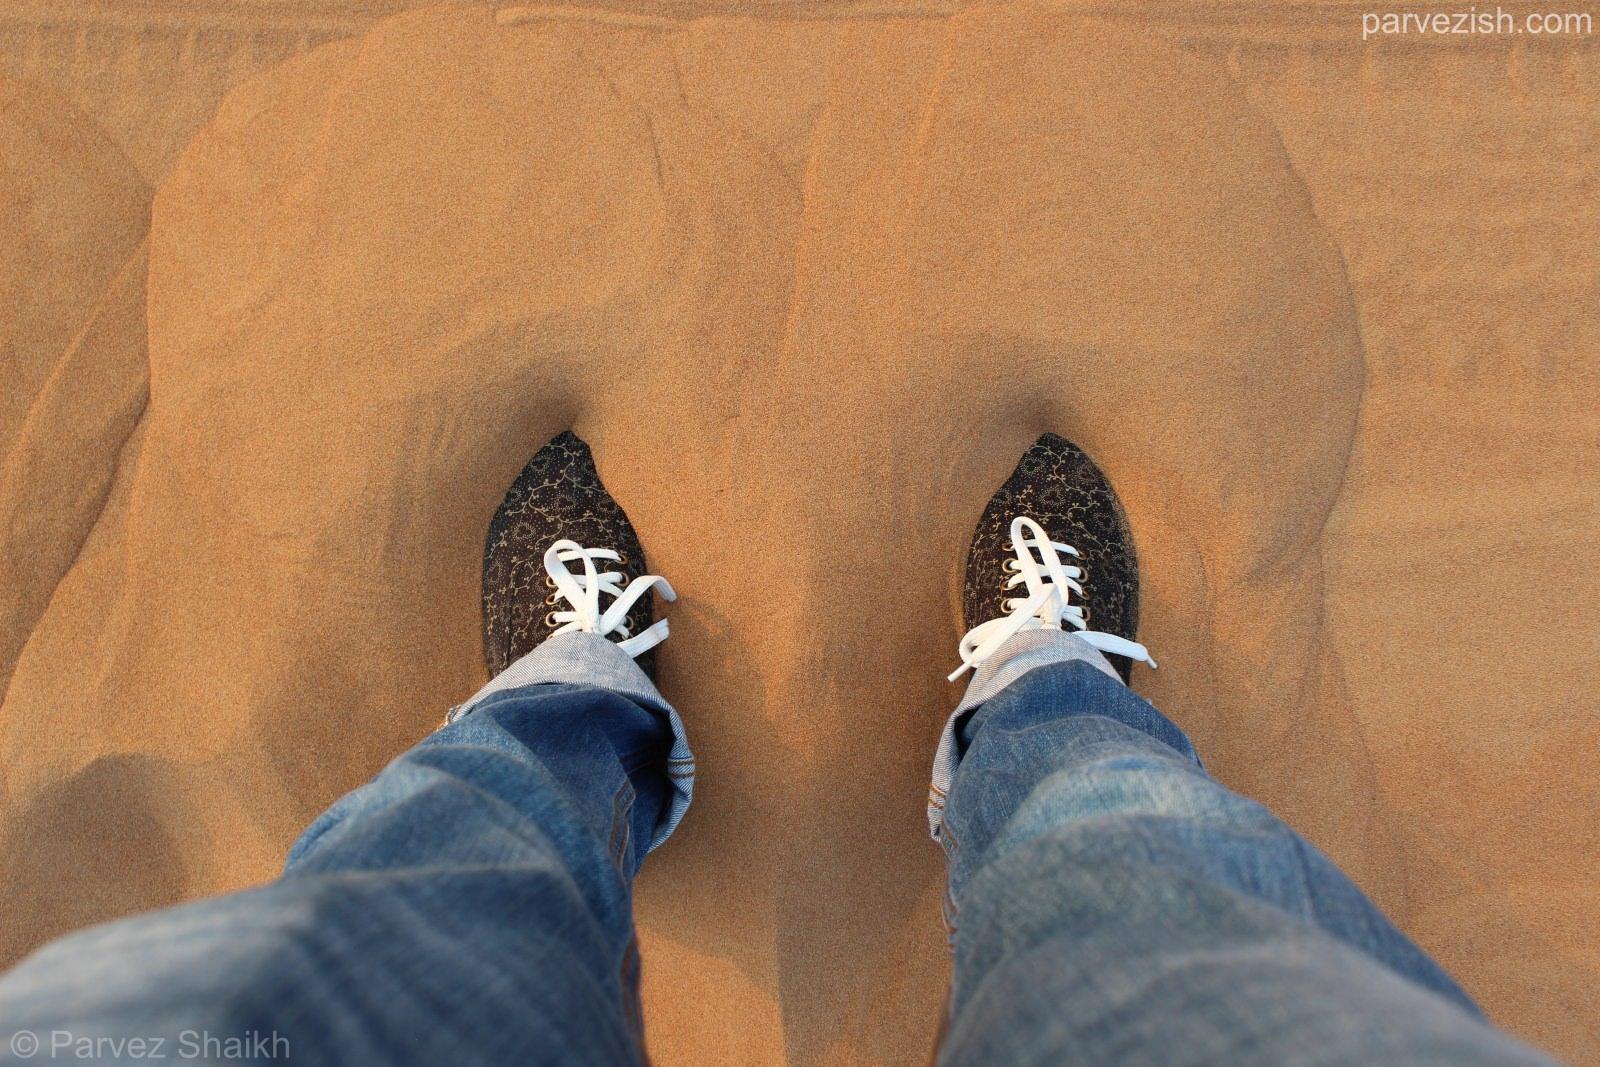 Walking in the Dubai Desert